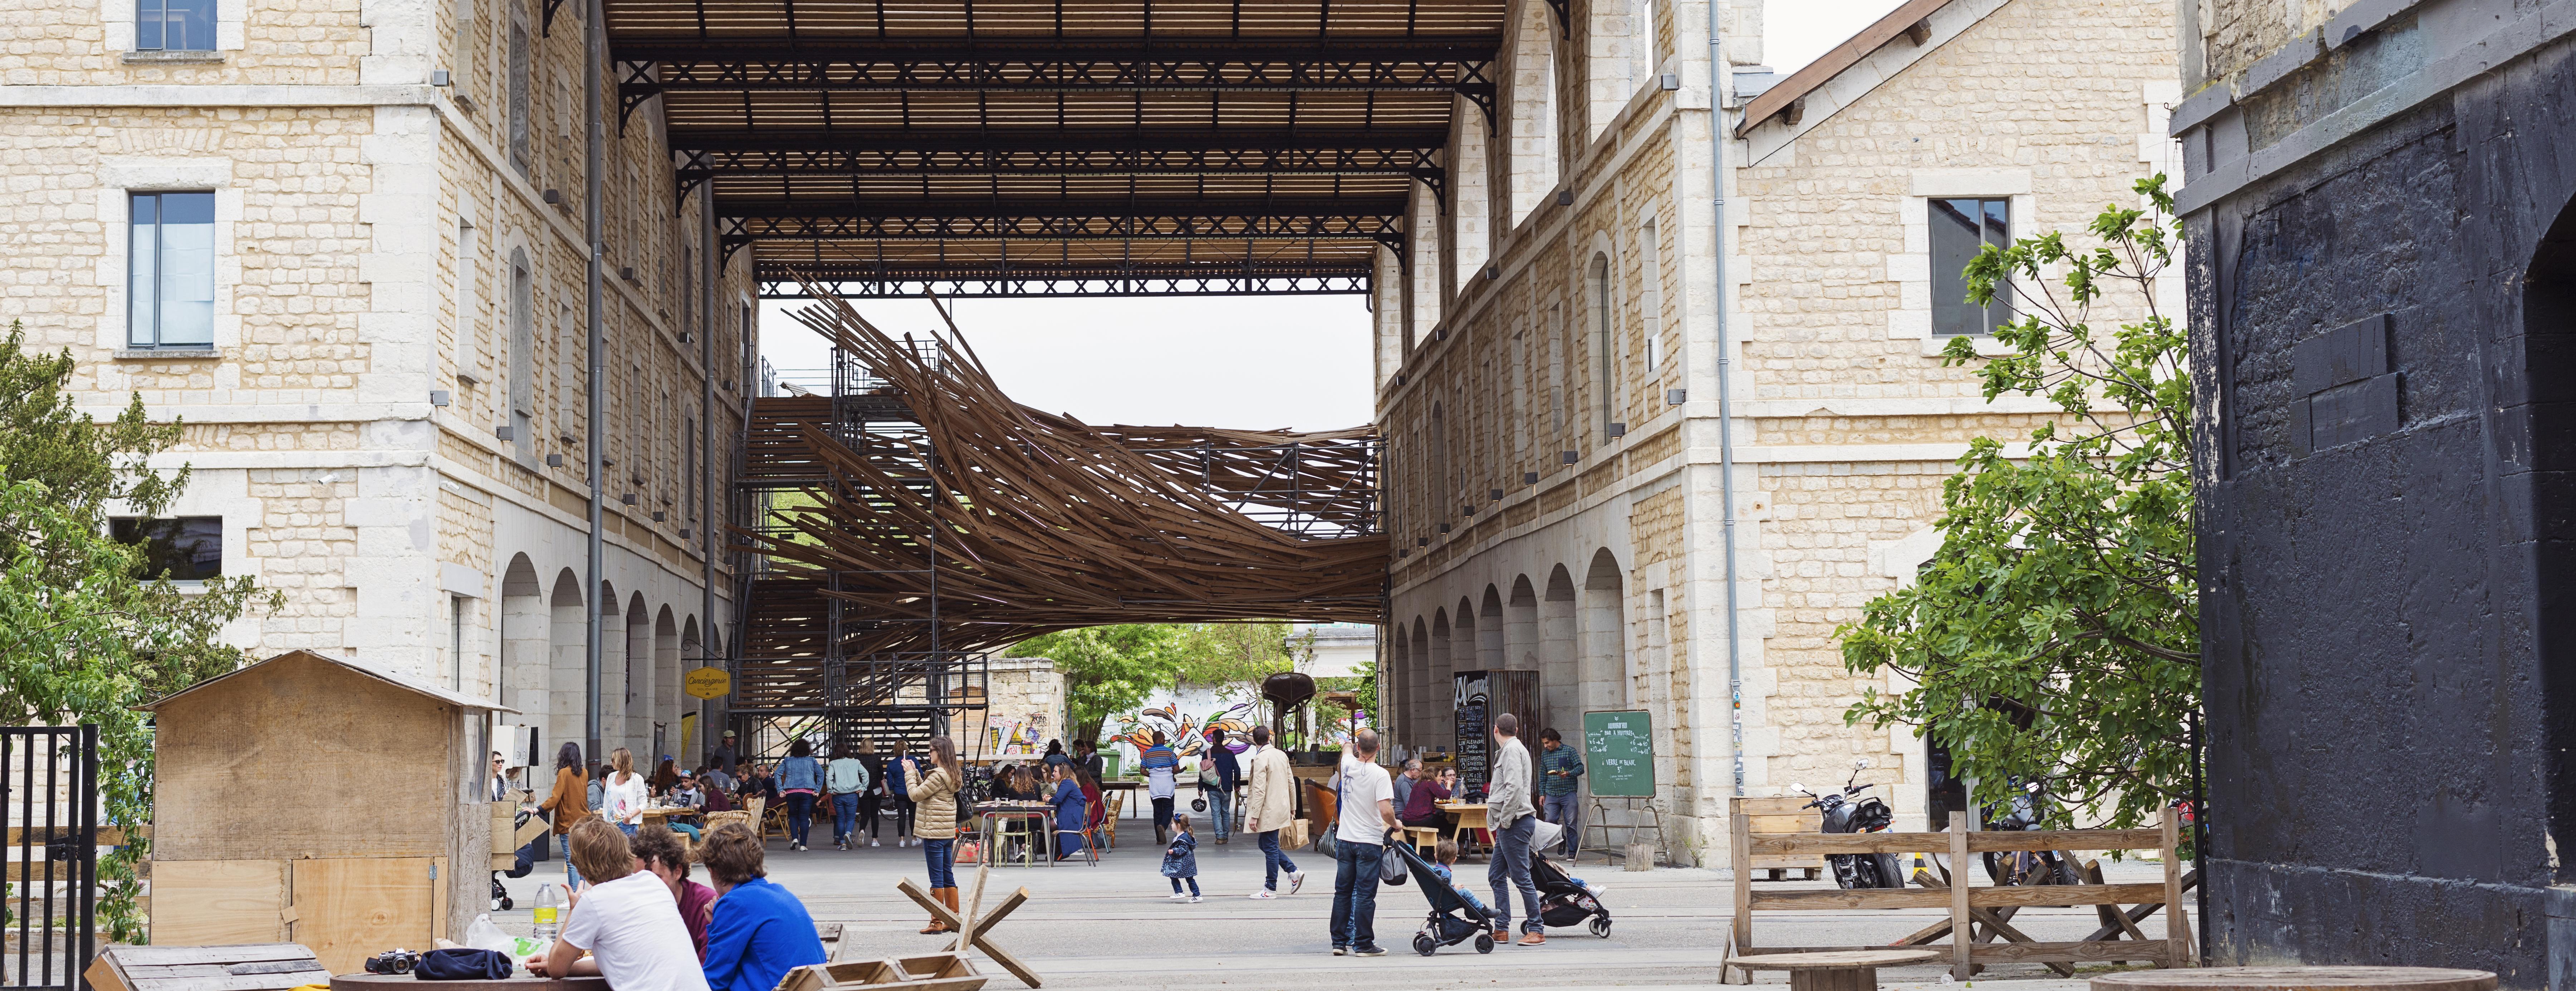 Darwin eco-système à Bordeaux